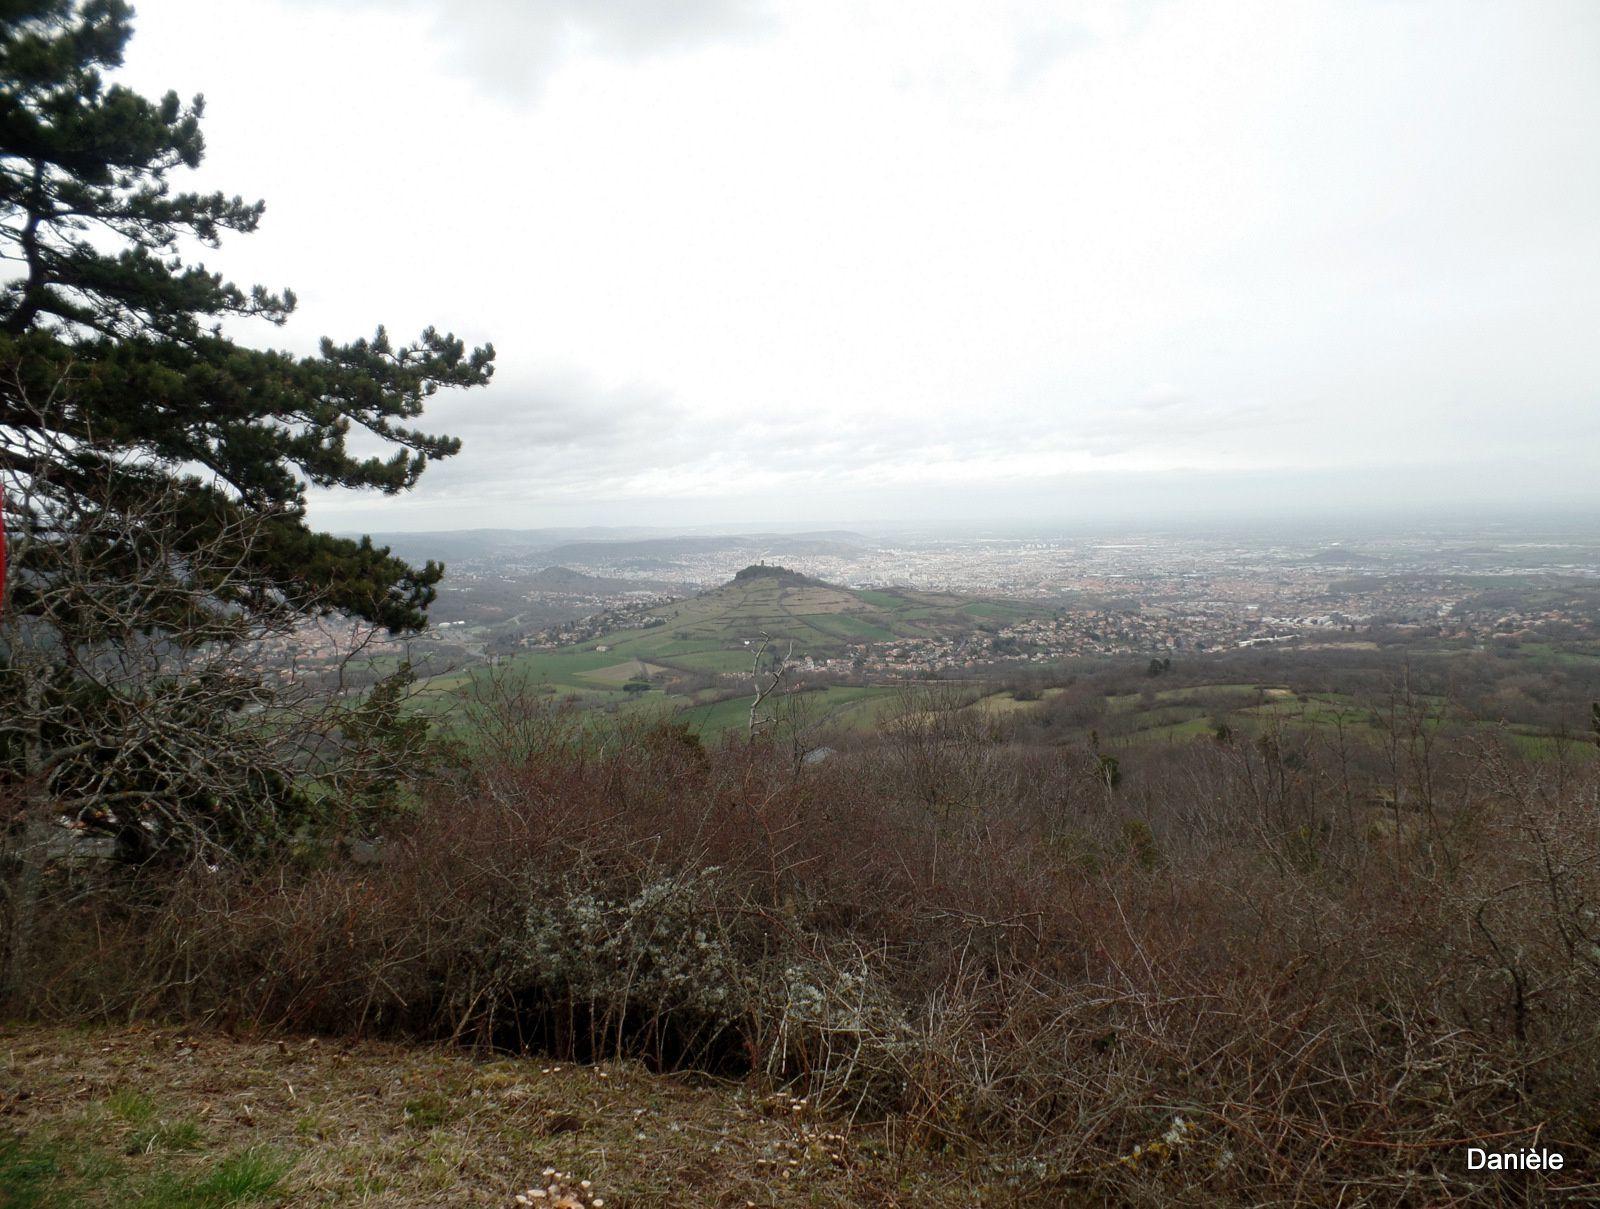 La vue valait la peine de monter, dommage temps couvert, on aperçoit le Puy-de-Dôme.